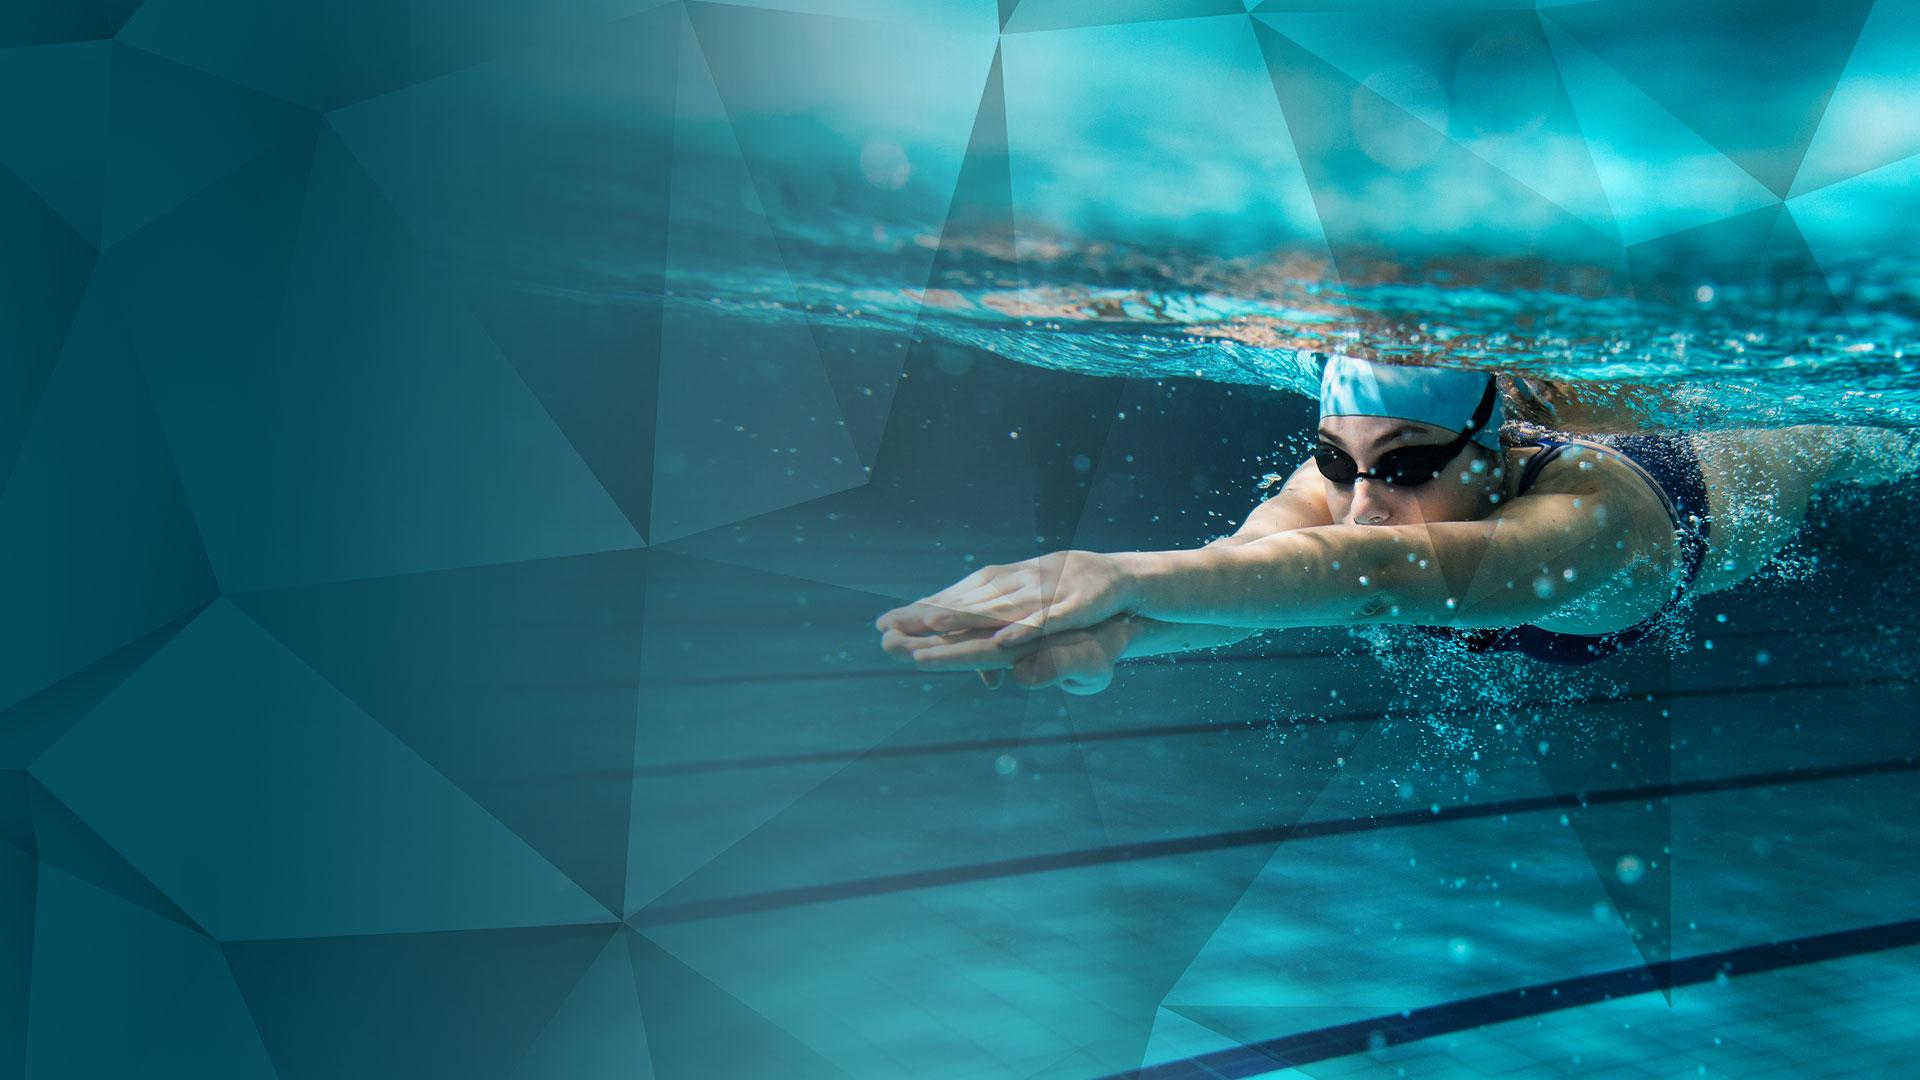 Spritzwasserschutz für Schwimmen und Wassersport